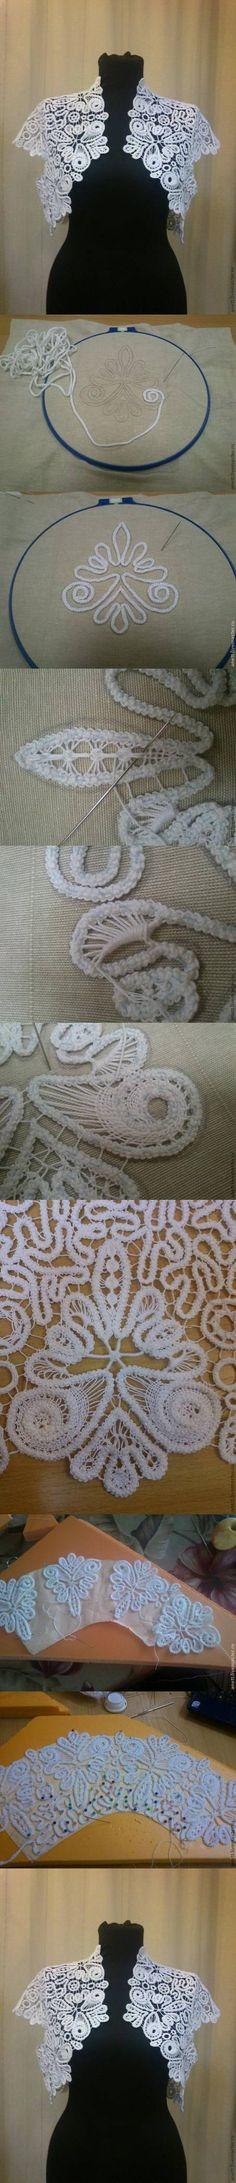 DIY Romanian Lace